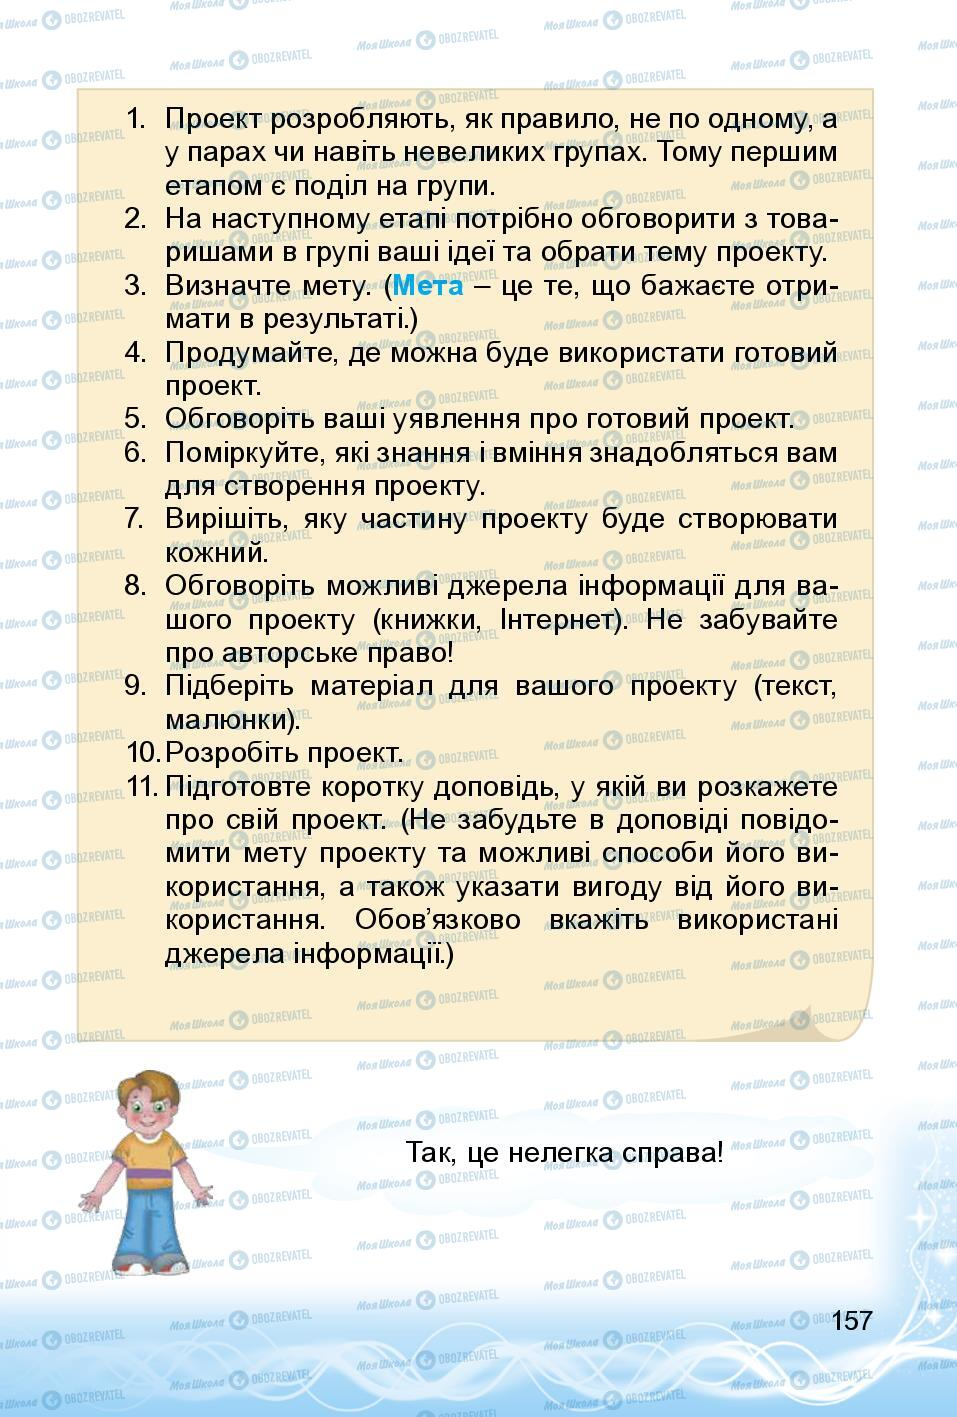 Підручники Інформатика 3 клас сторінка 157